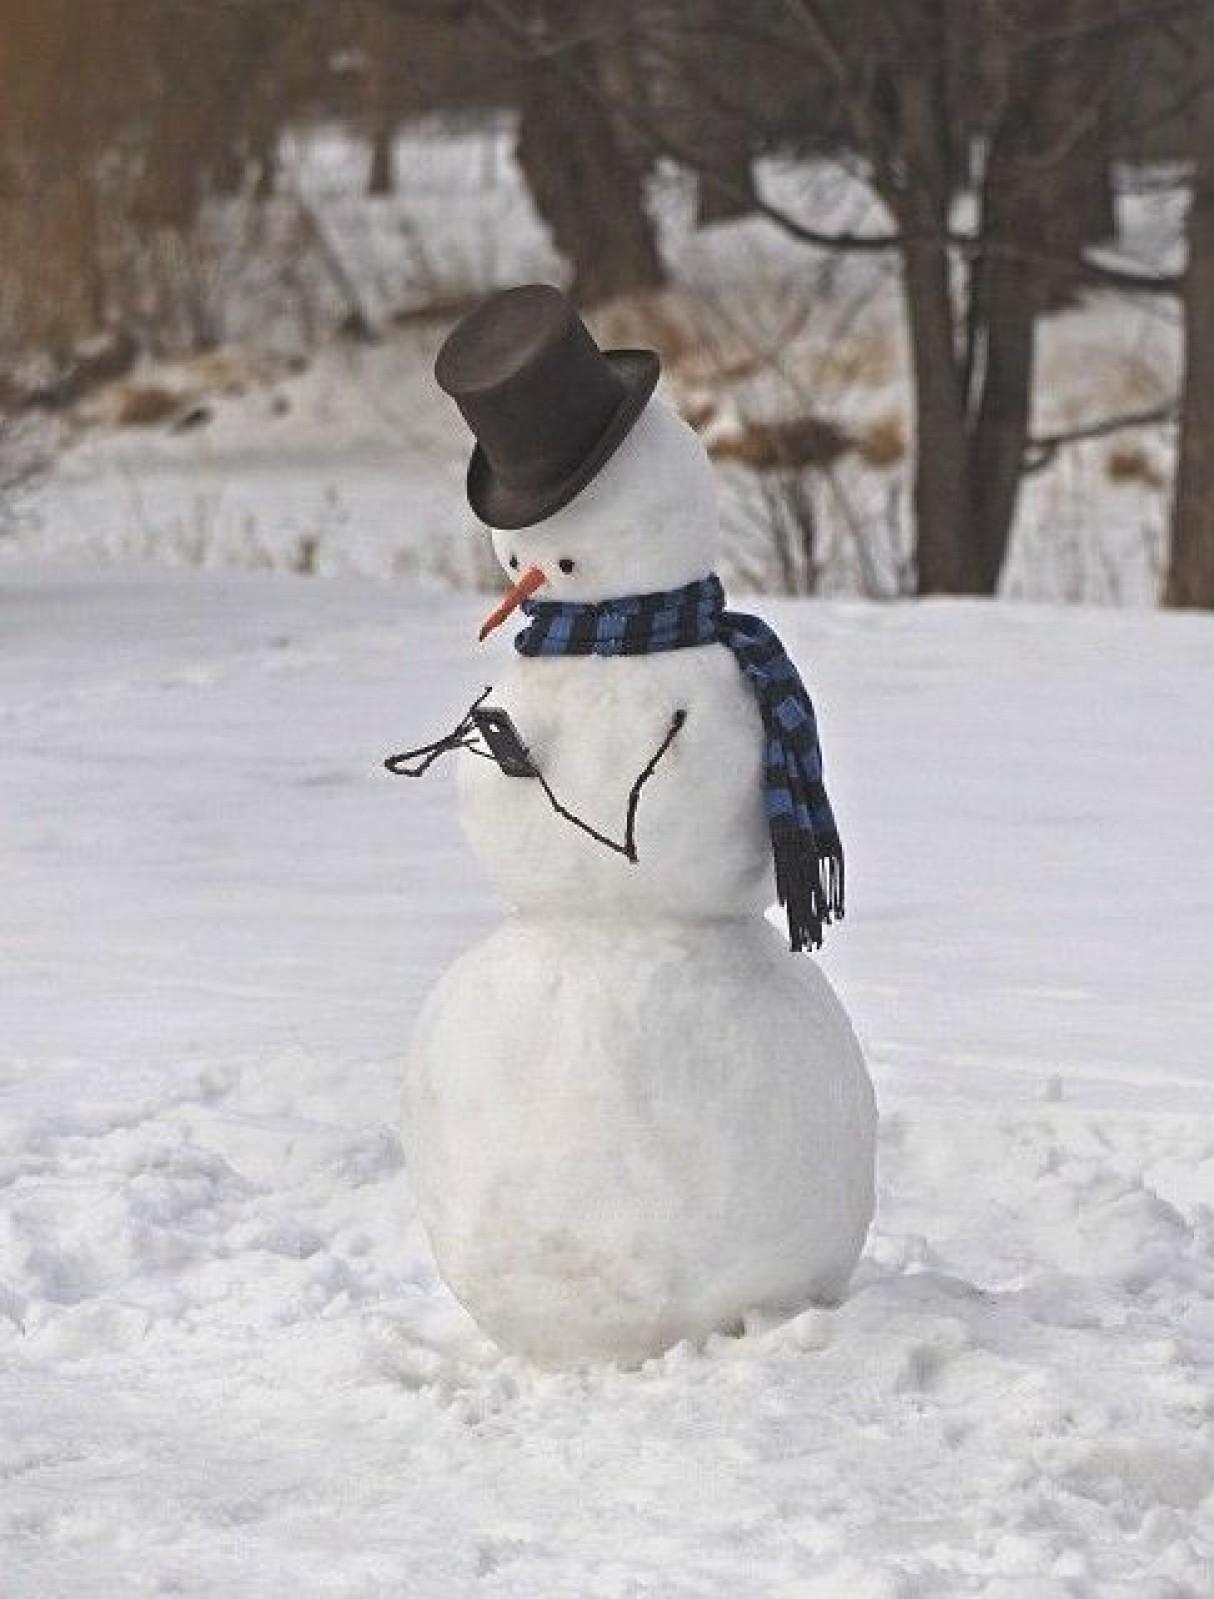 capacele de zăpadă pierd greutatea